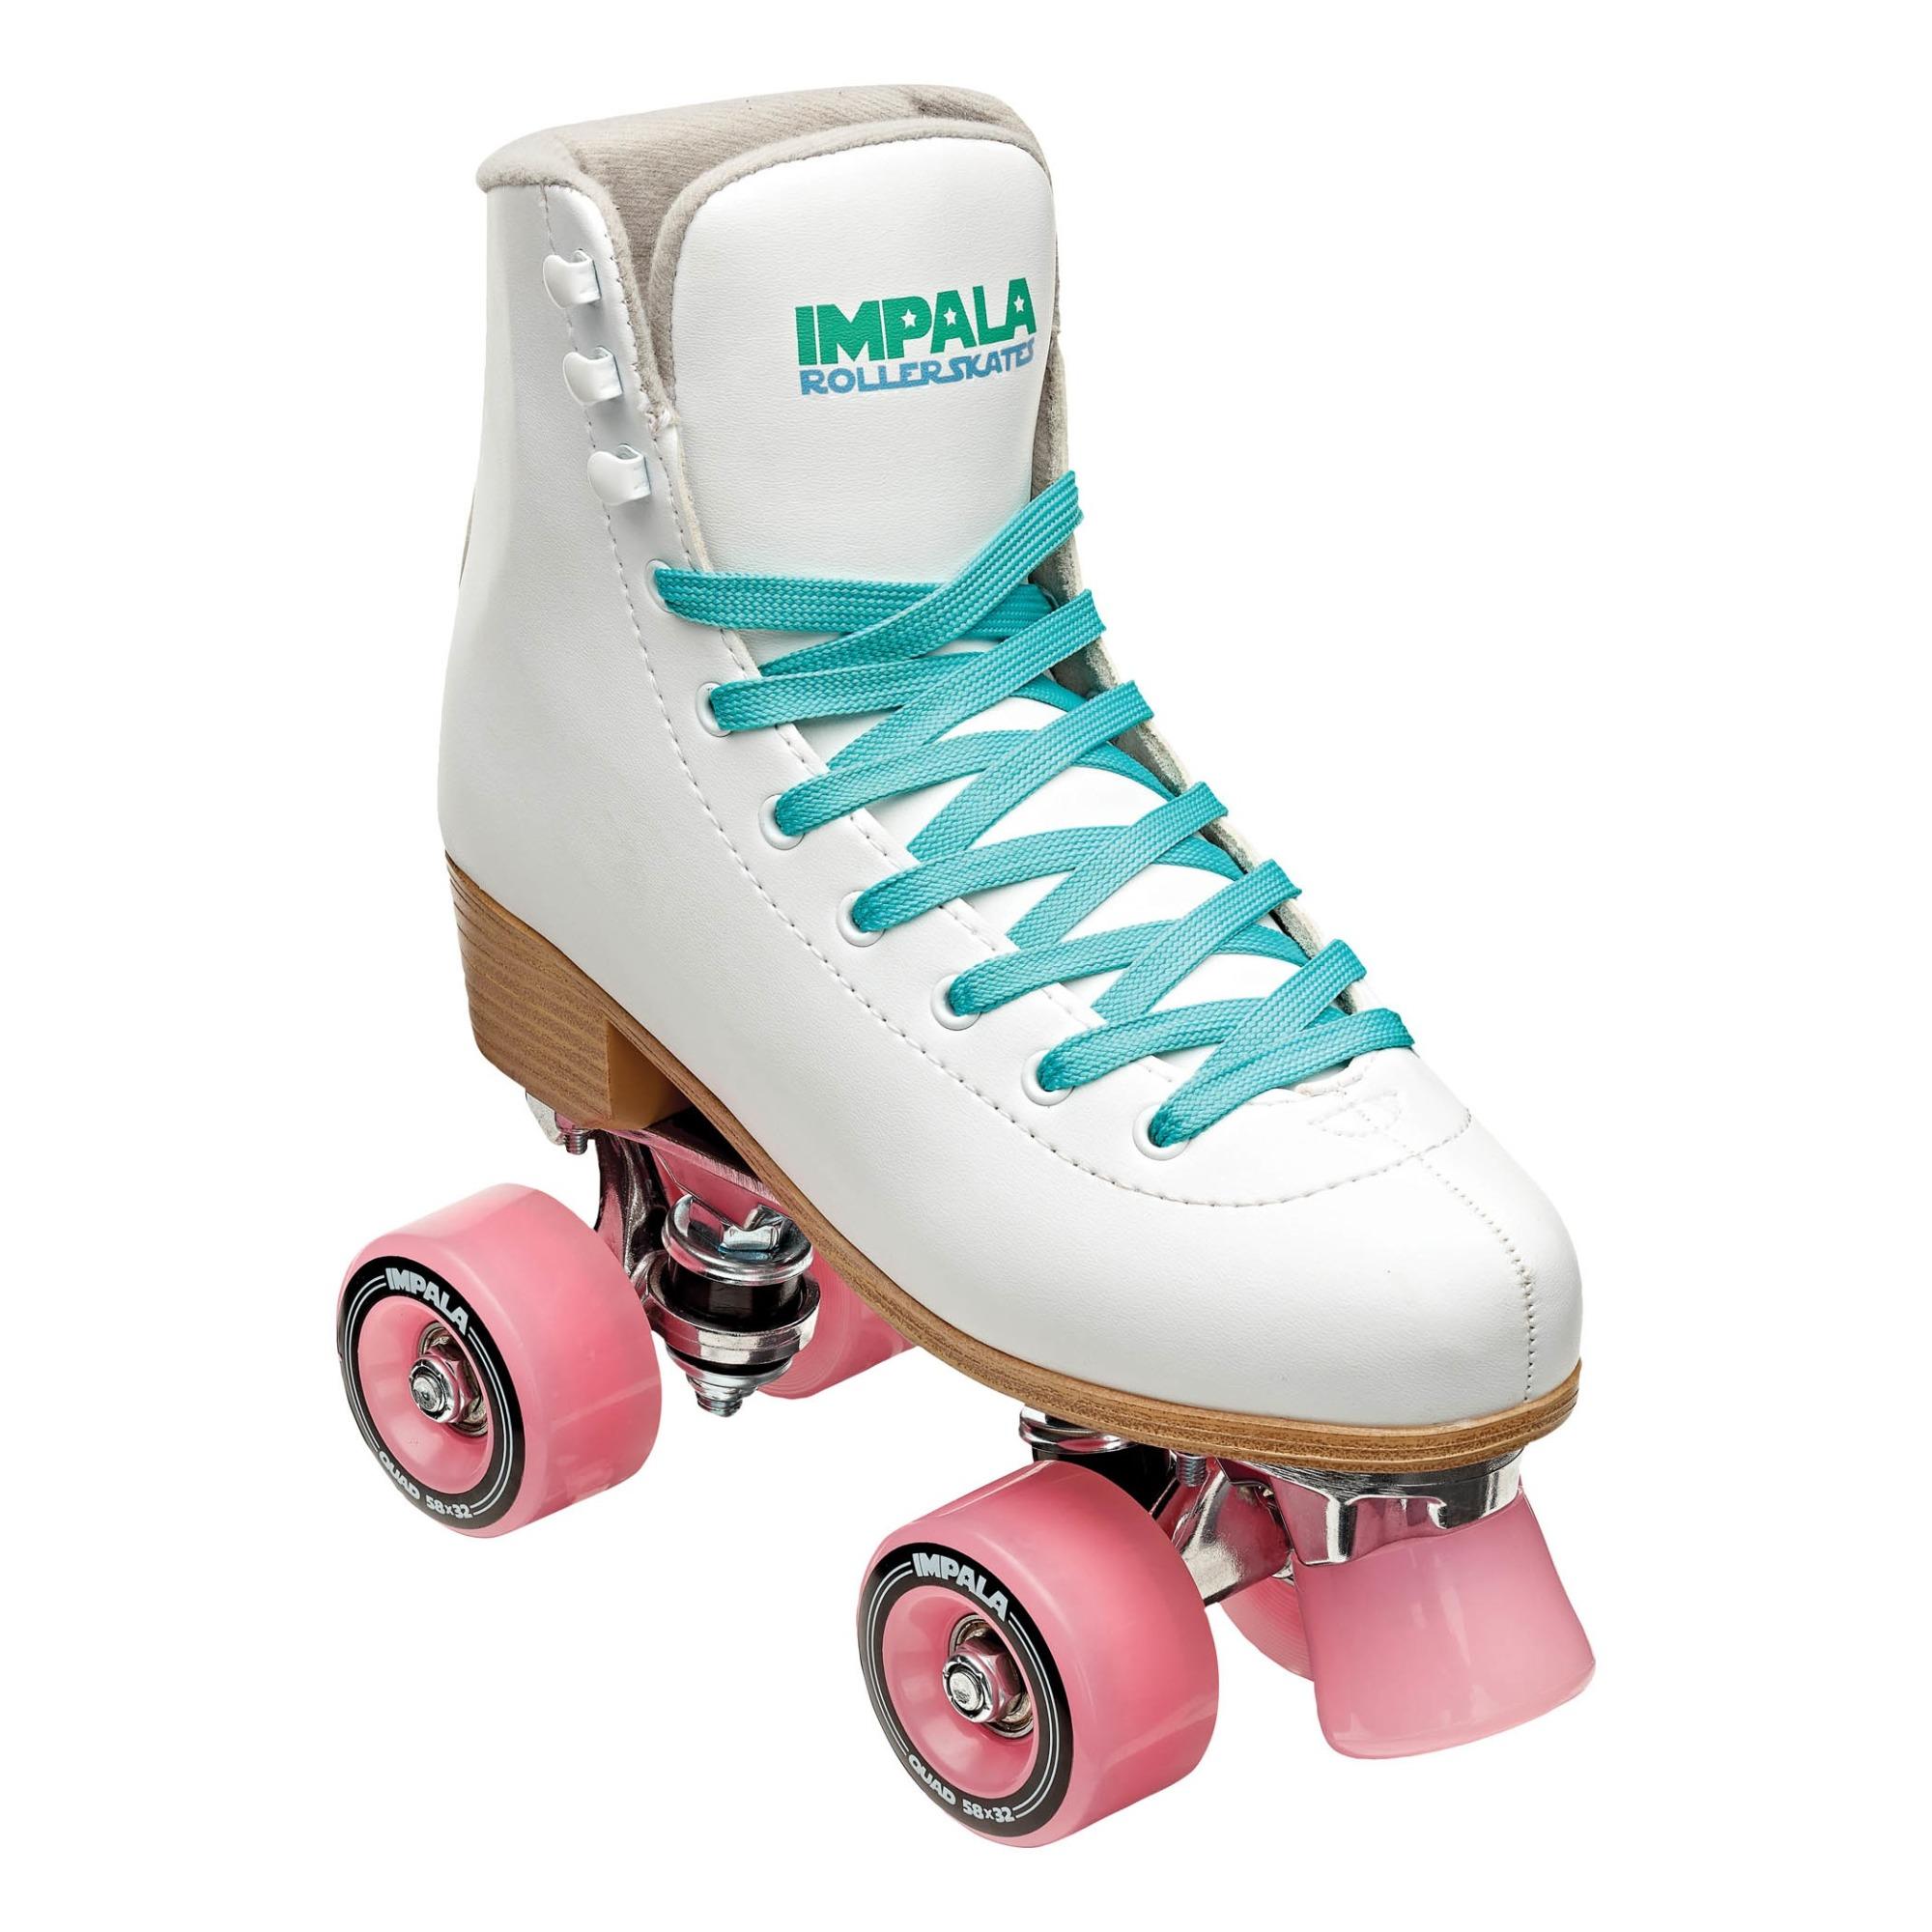 roller-white-impala-rollerskates